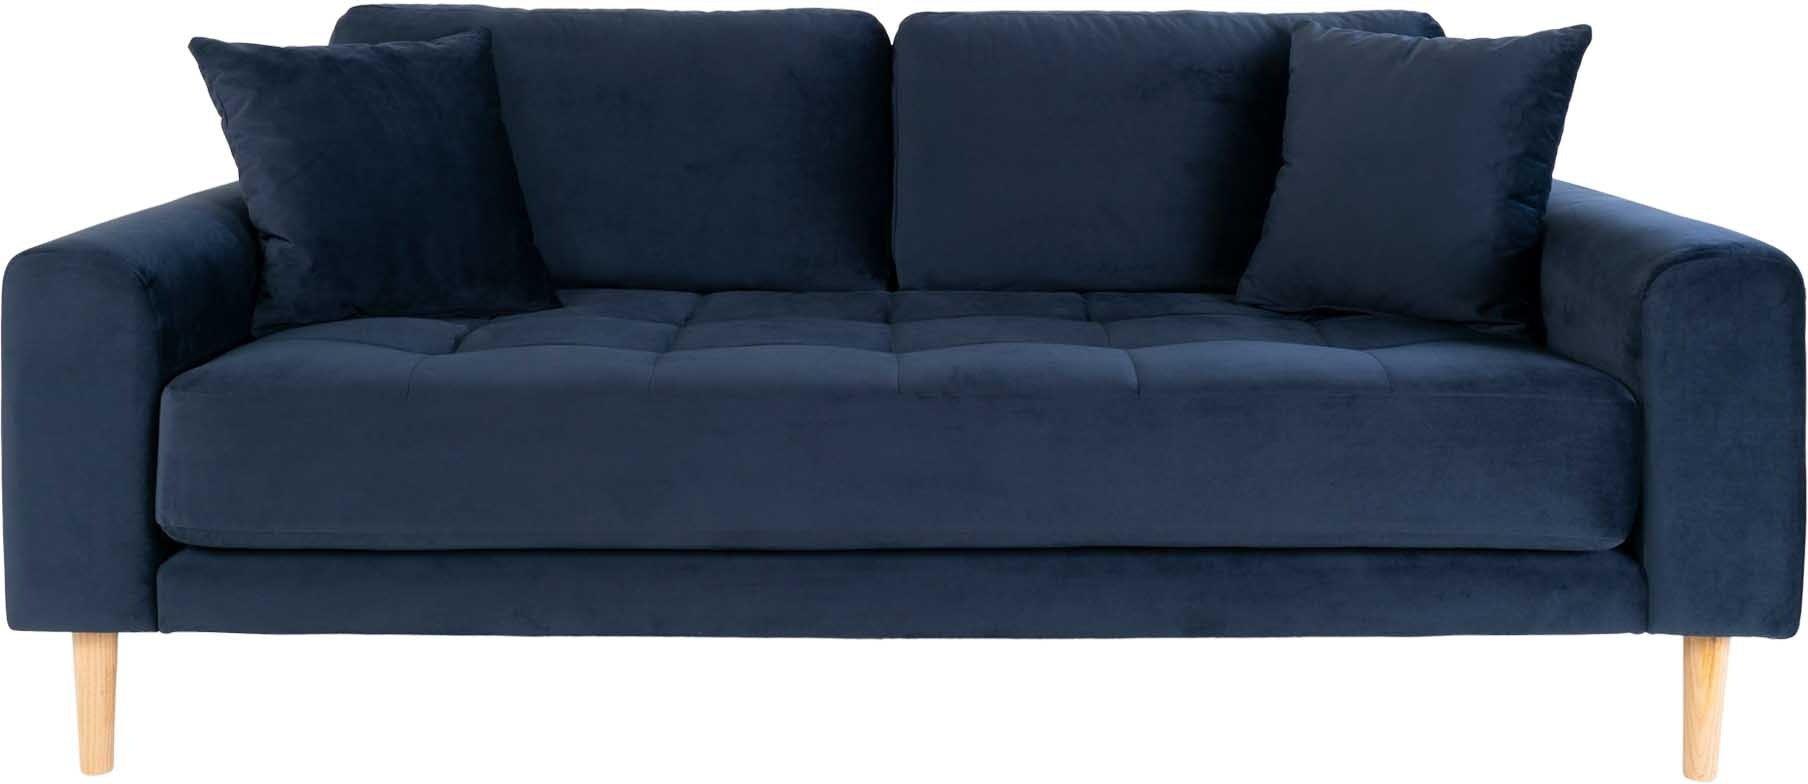 Lido, 2,5-personers sofa, Velour by Nordby (H: 76 cm. B: 180 cm. L: 93 cm., Mørkeblå)